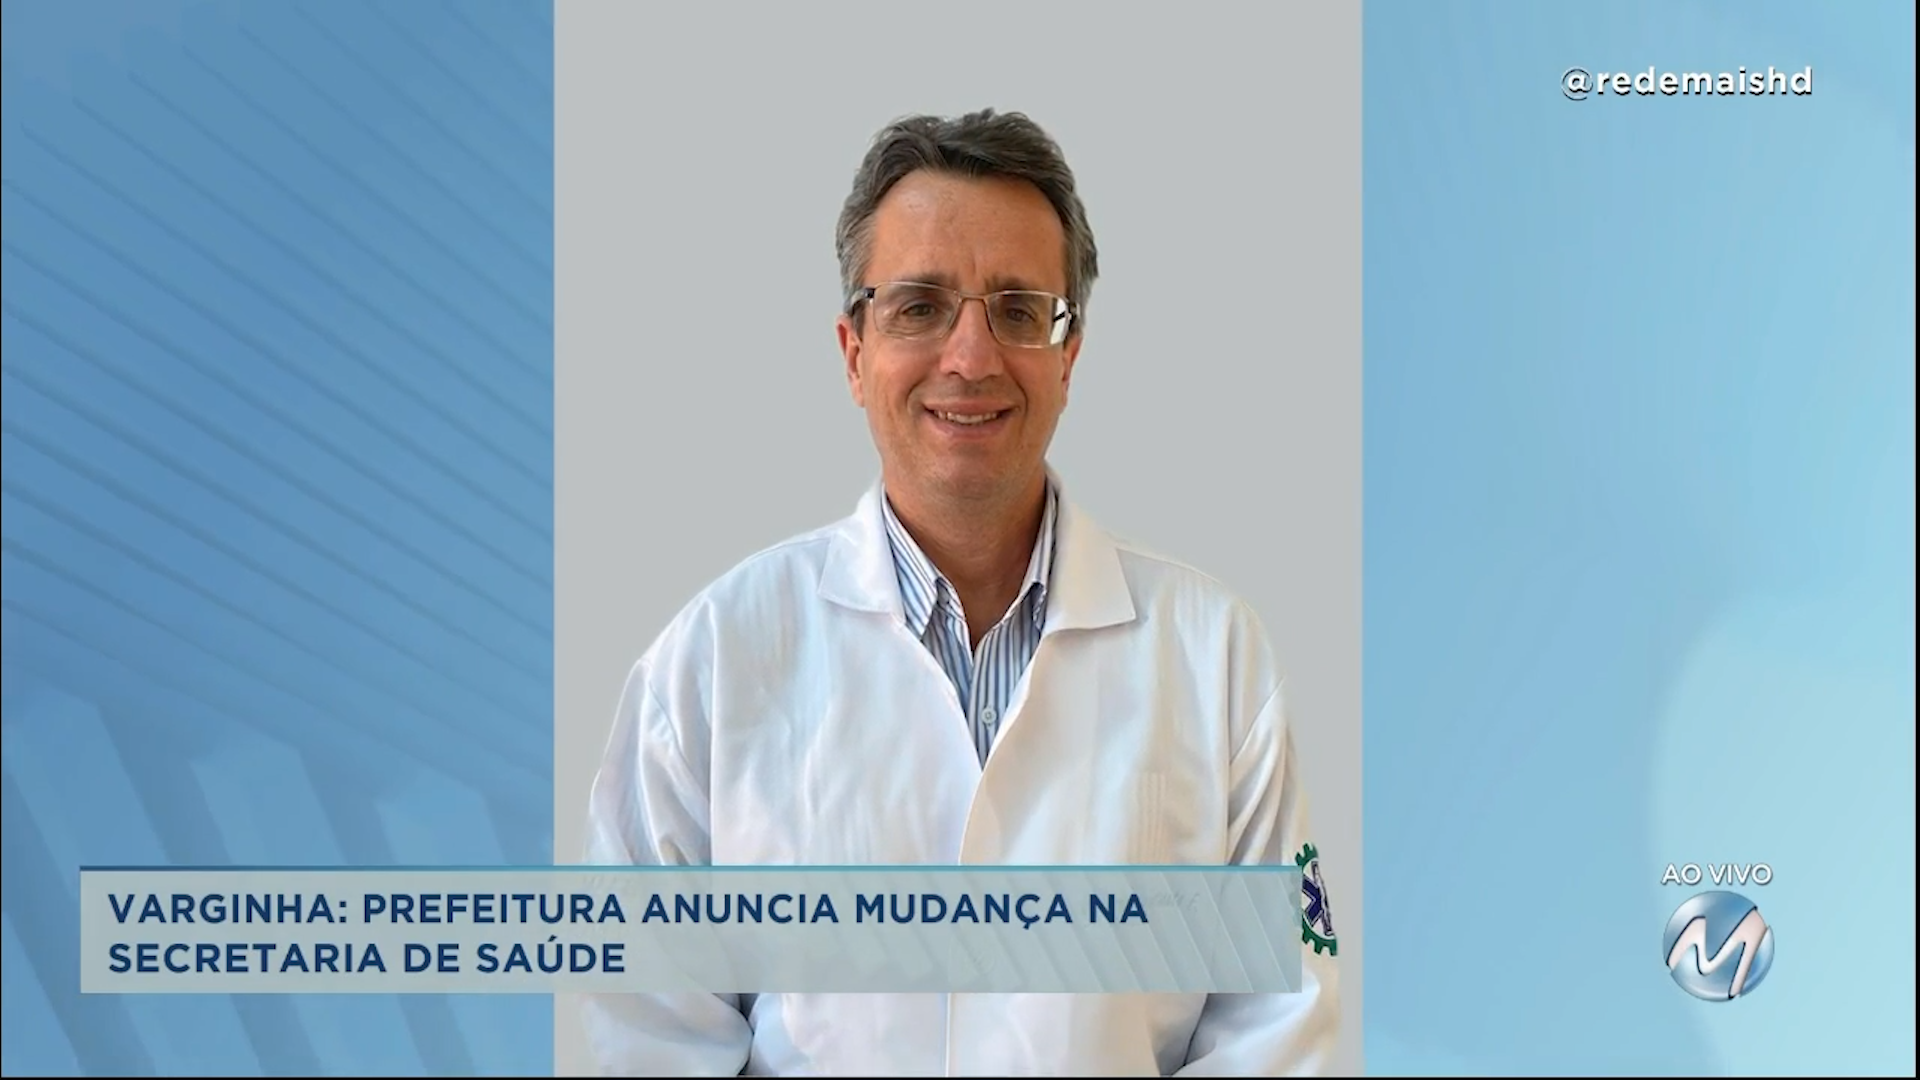 Varginha: prefeitura anuncia mudança na secretaria municipal de Saúde